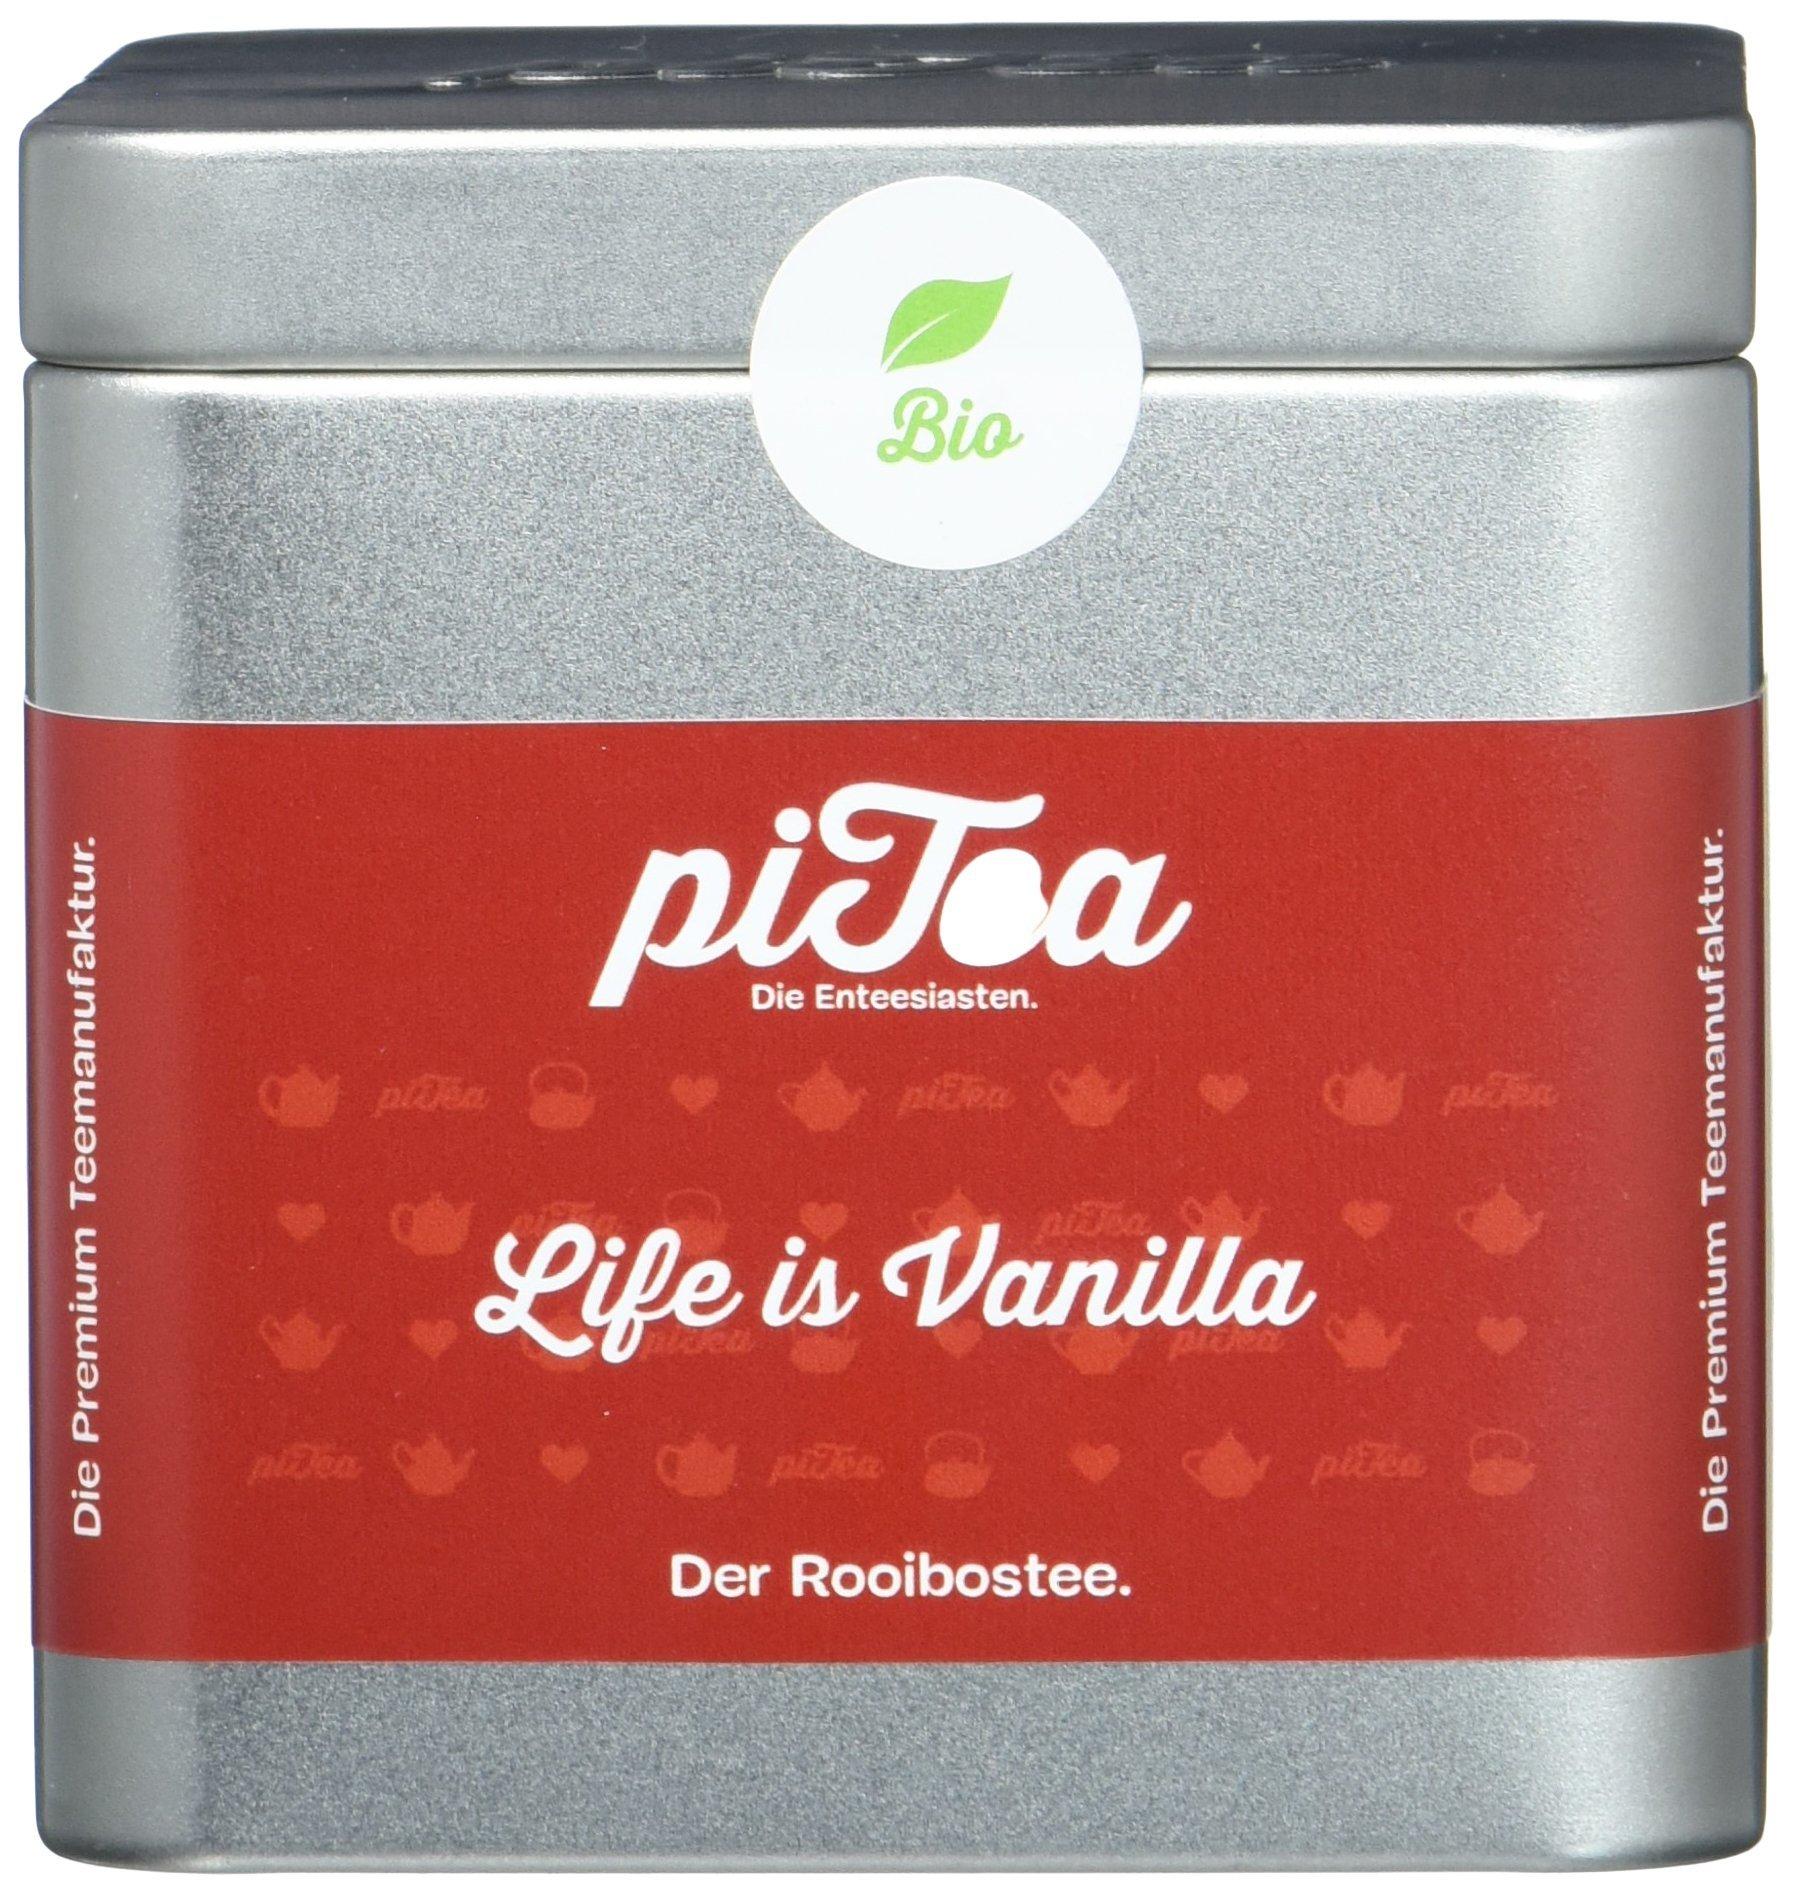 Pi-Tea-Life-is-Vanilla-Dose-Rooibostee-Bio-Teestation-natrlich-und-vegan-2er-Pack-2-x-75-g